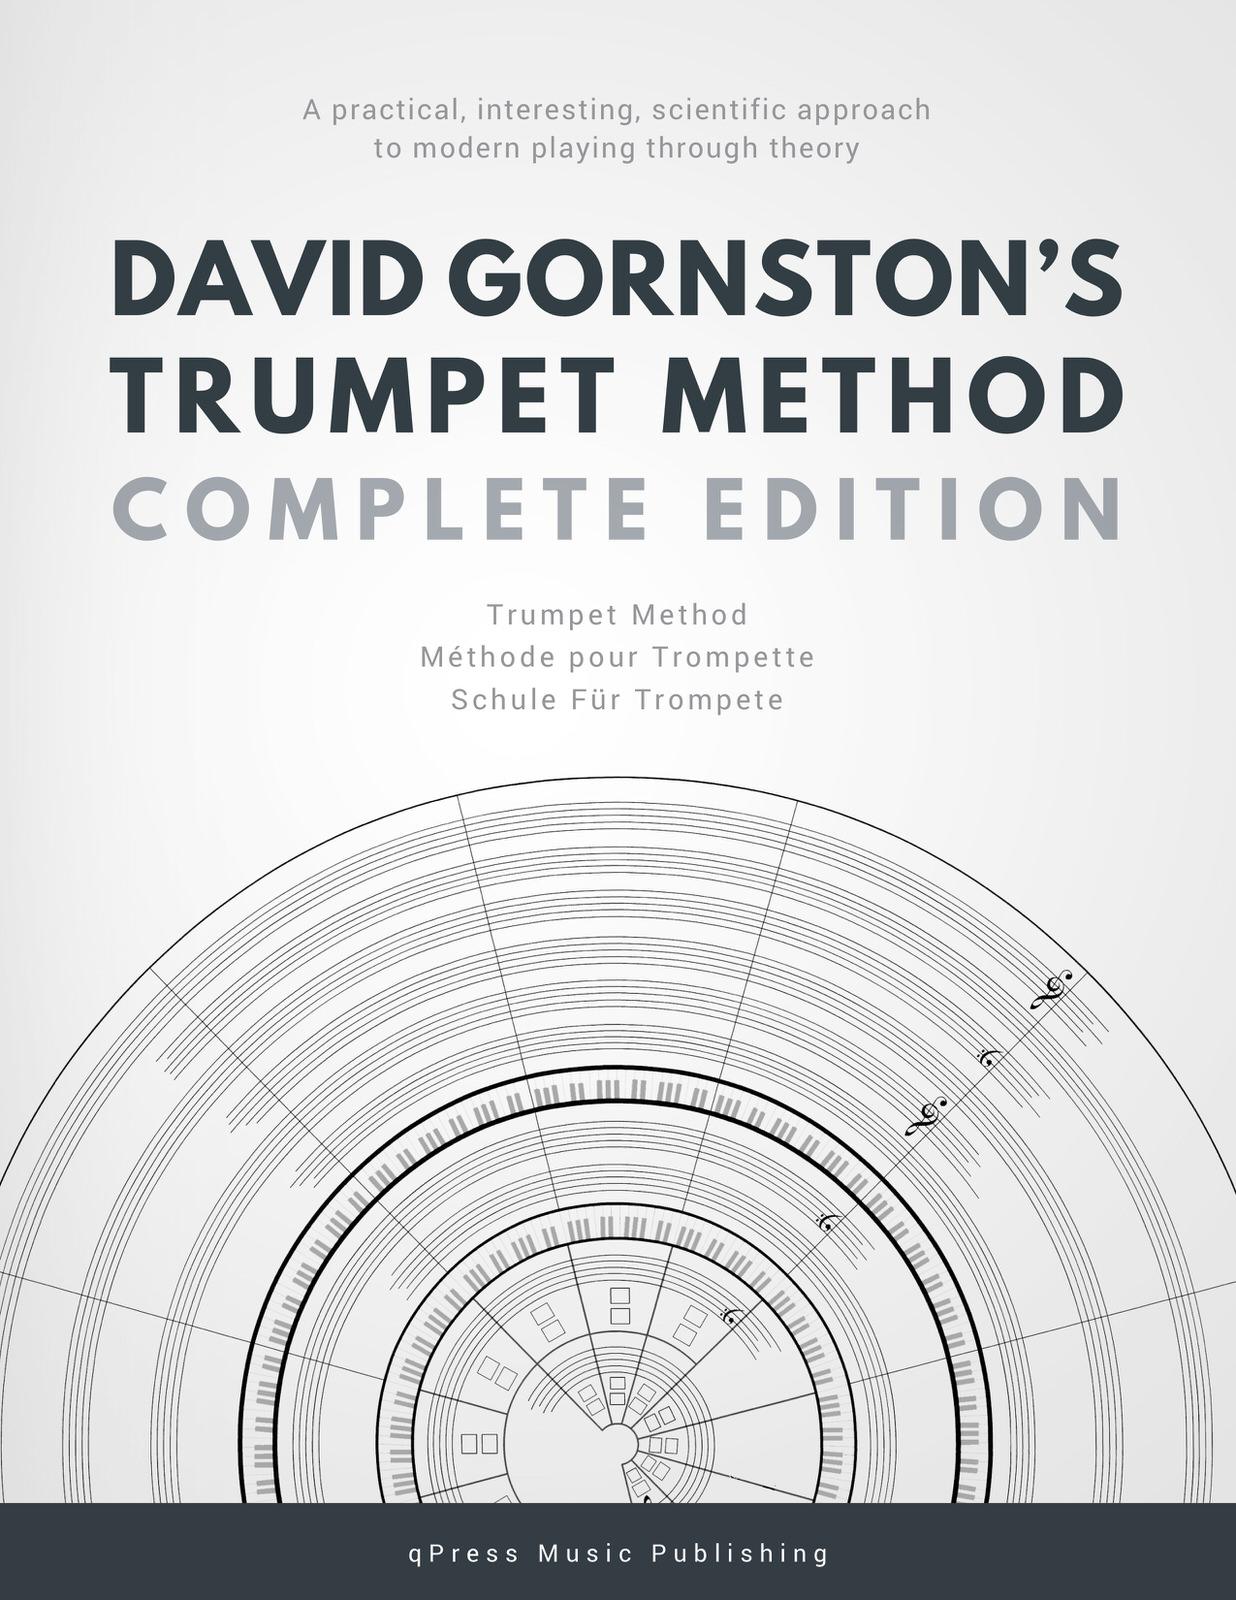 Gornston cover complete